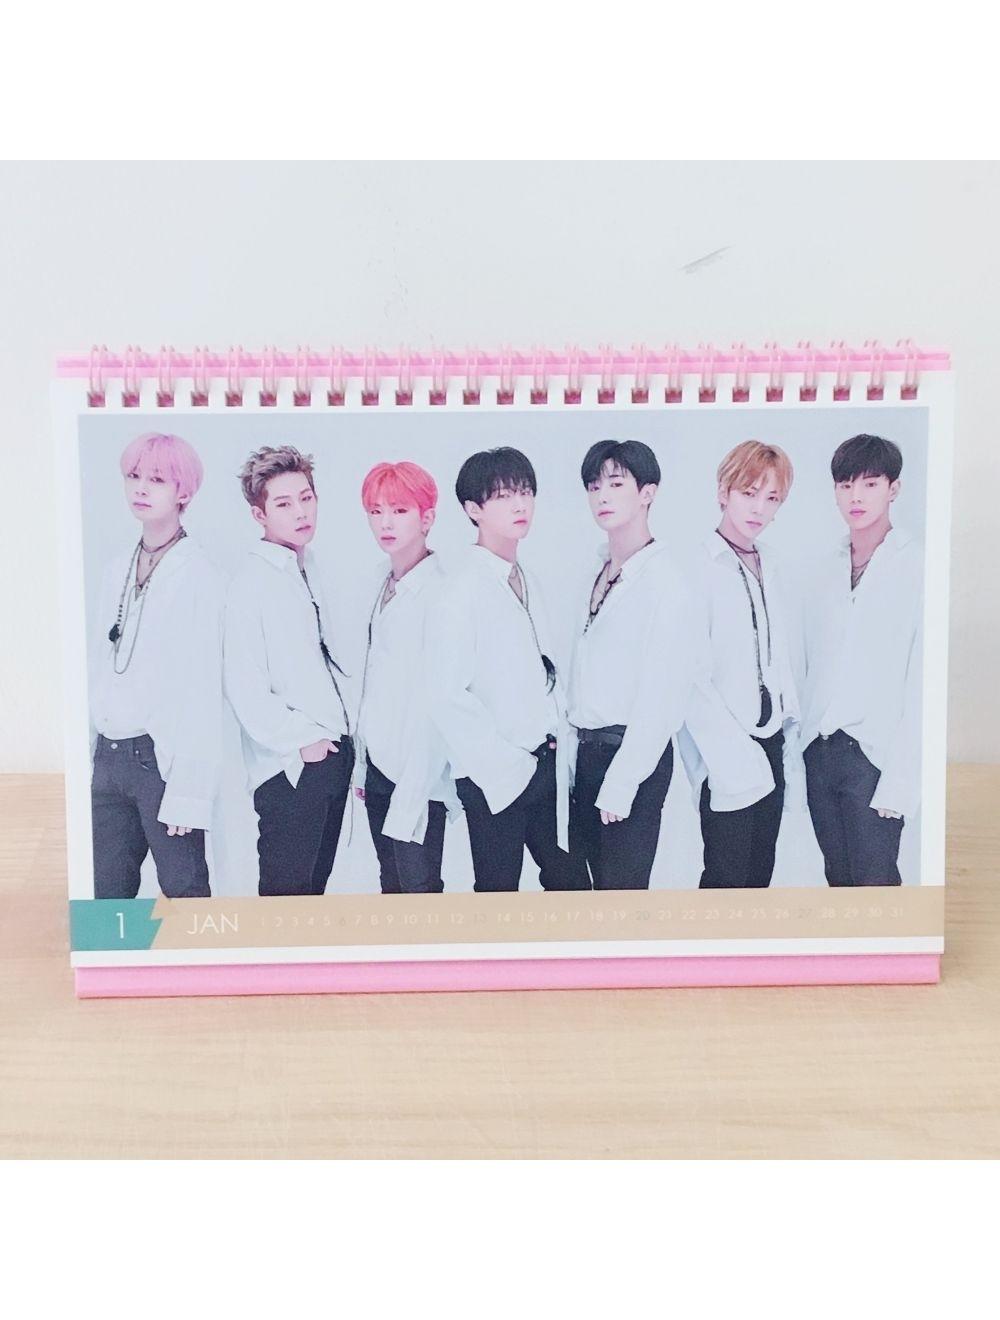 Monsta X - Desk Calendar 2019-2020